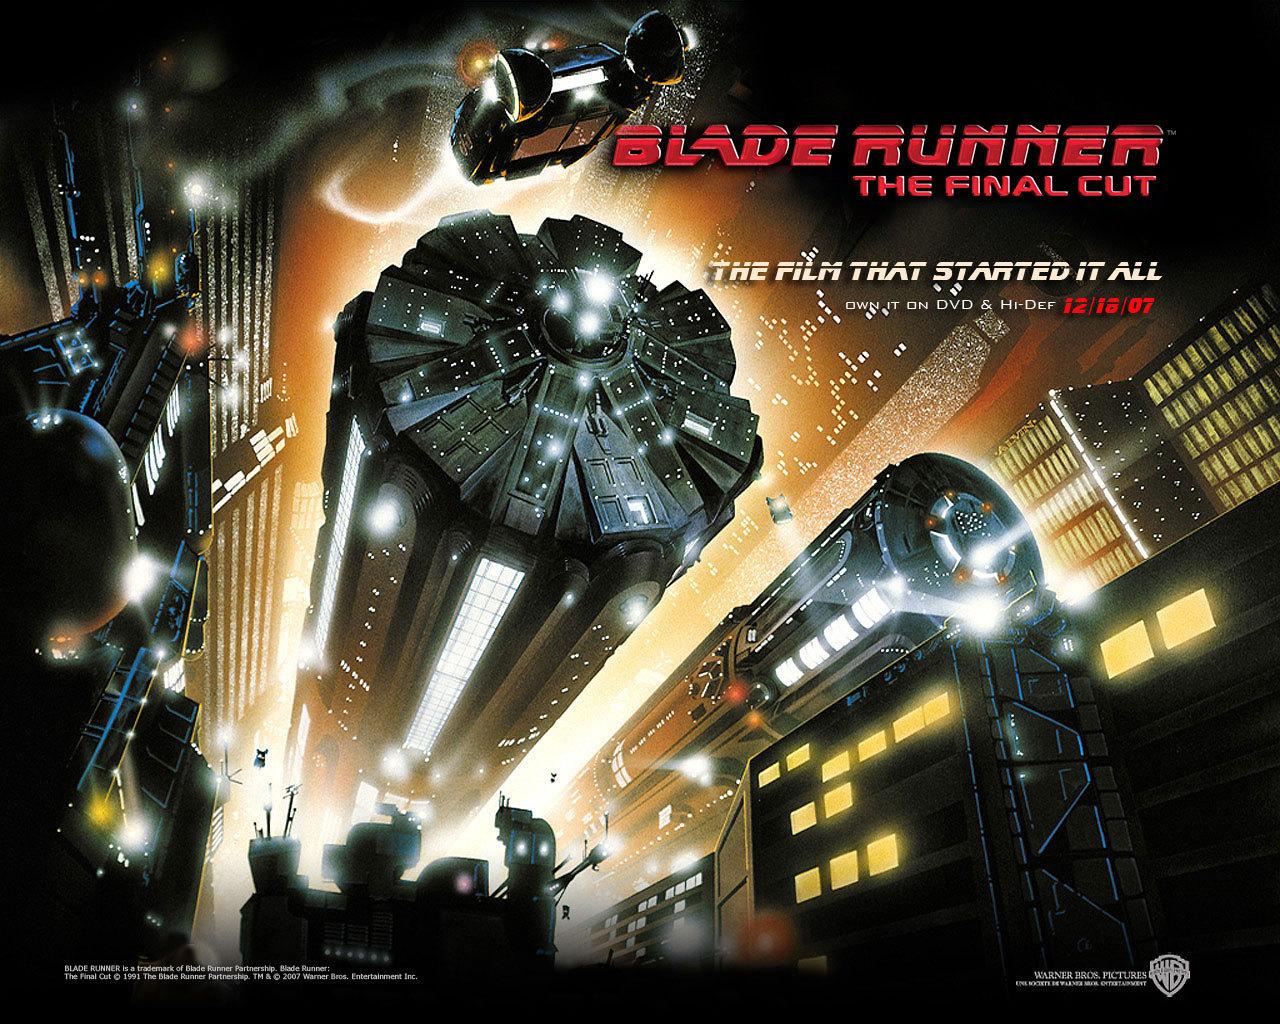 Blade runner images official blade runner wallpaper hd for Blade runner